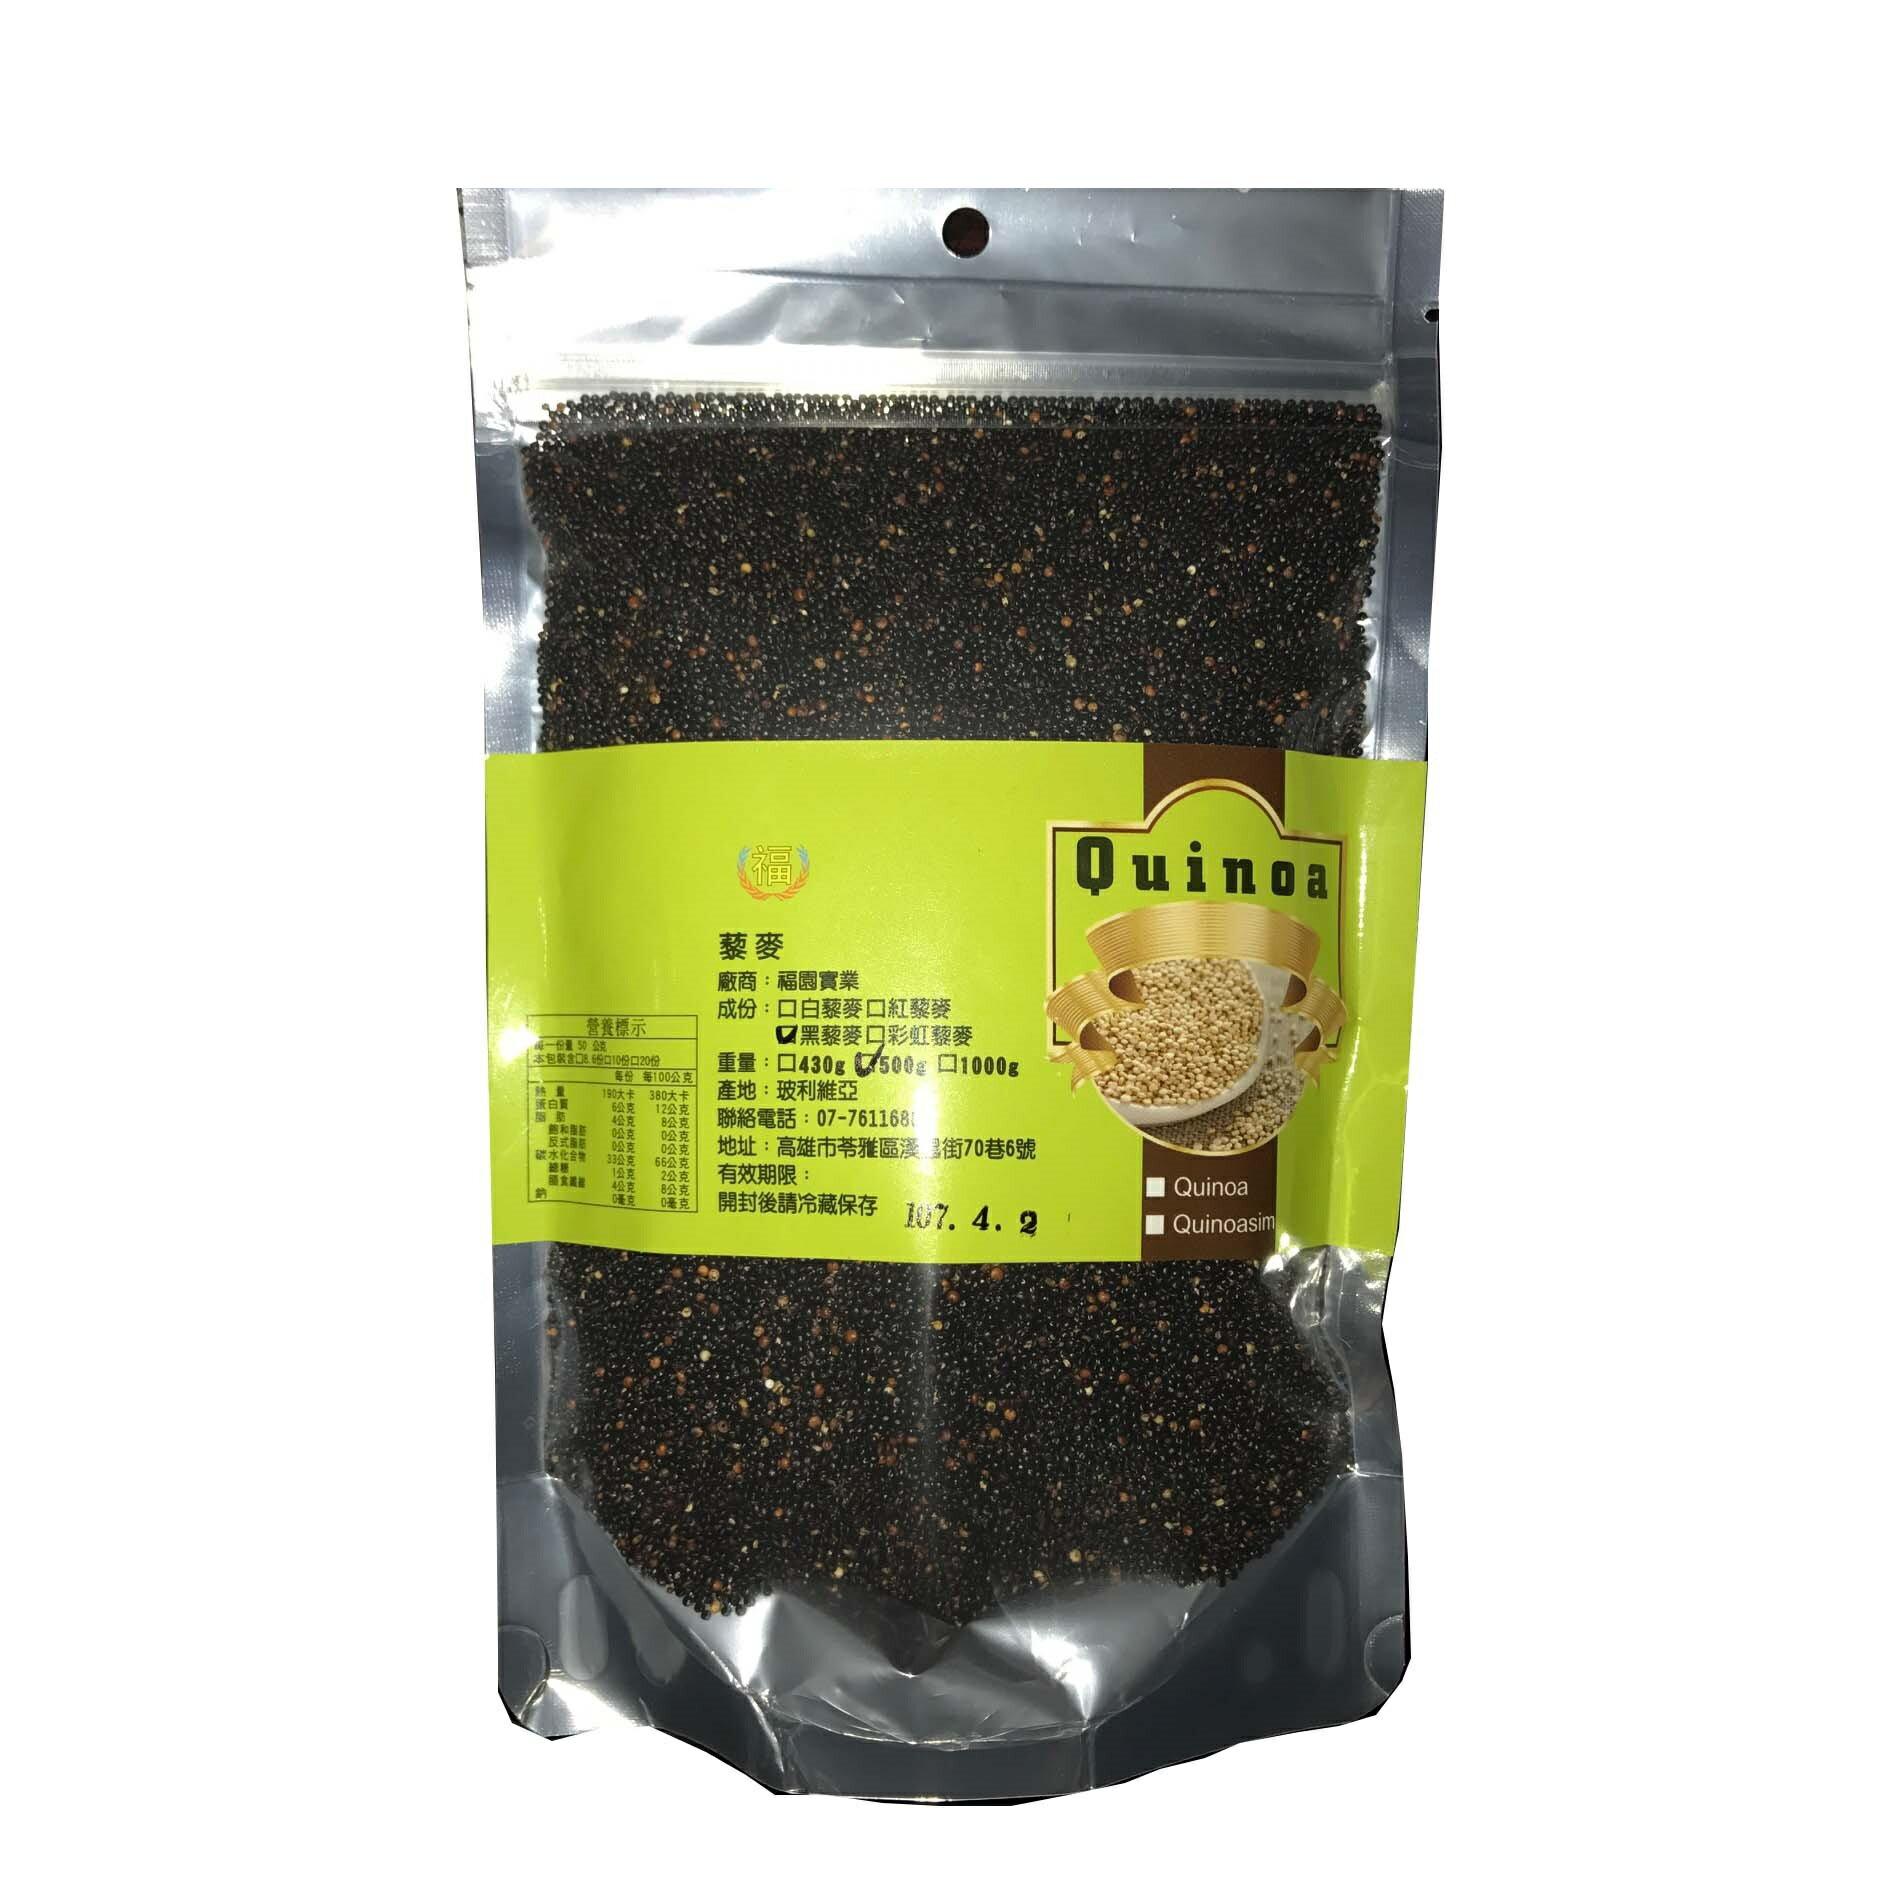 美纖 藜麥粒 QUINOA 高原印加麥(黑色/紅色/原色/彩虹) 500g